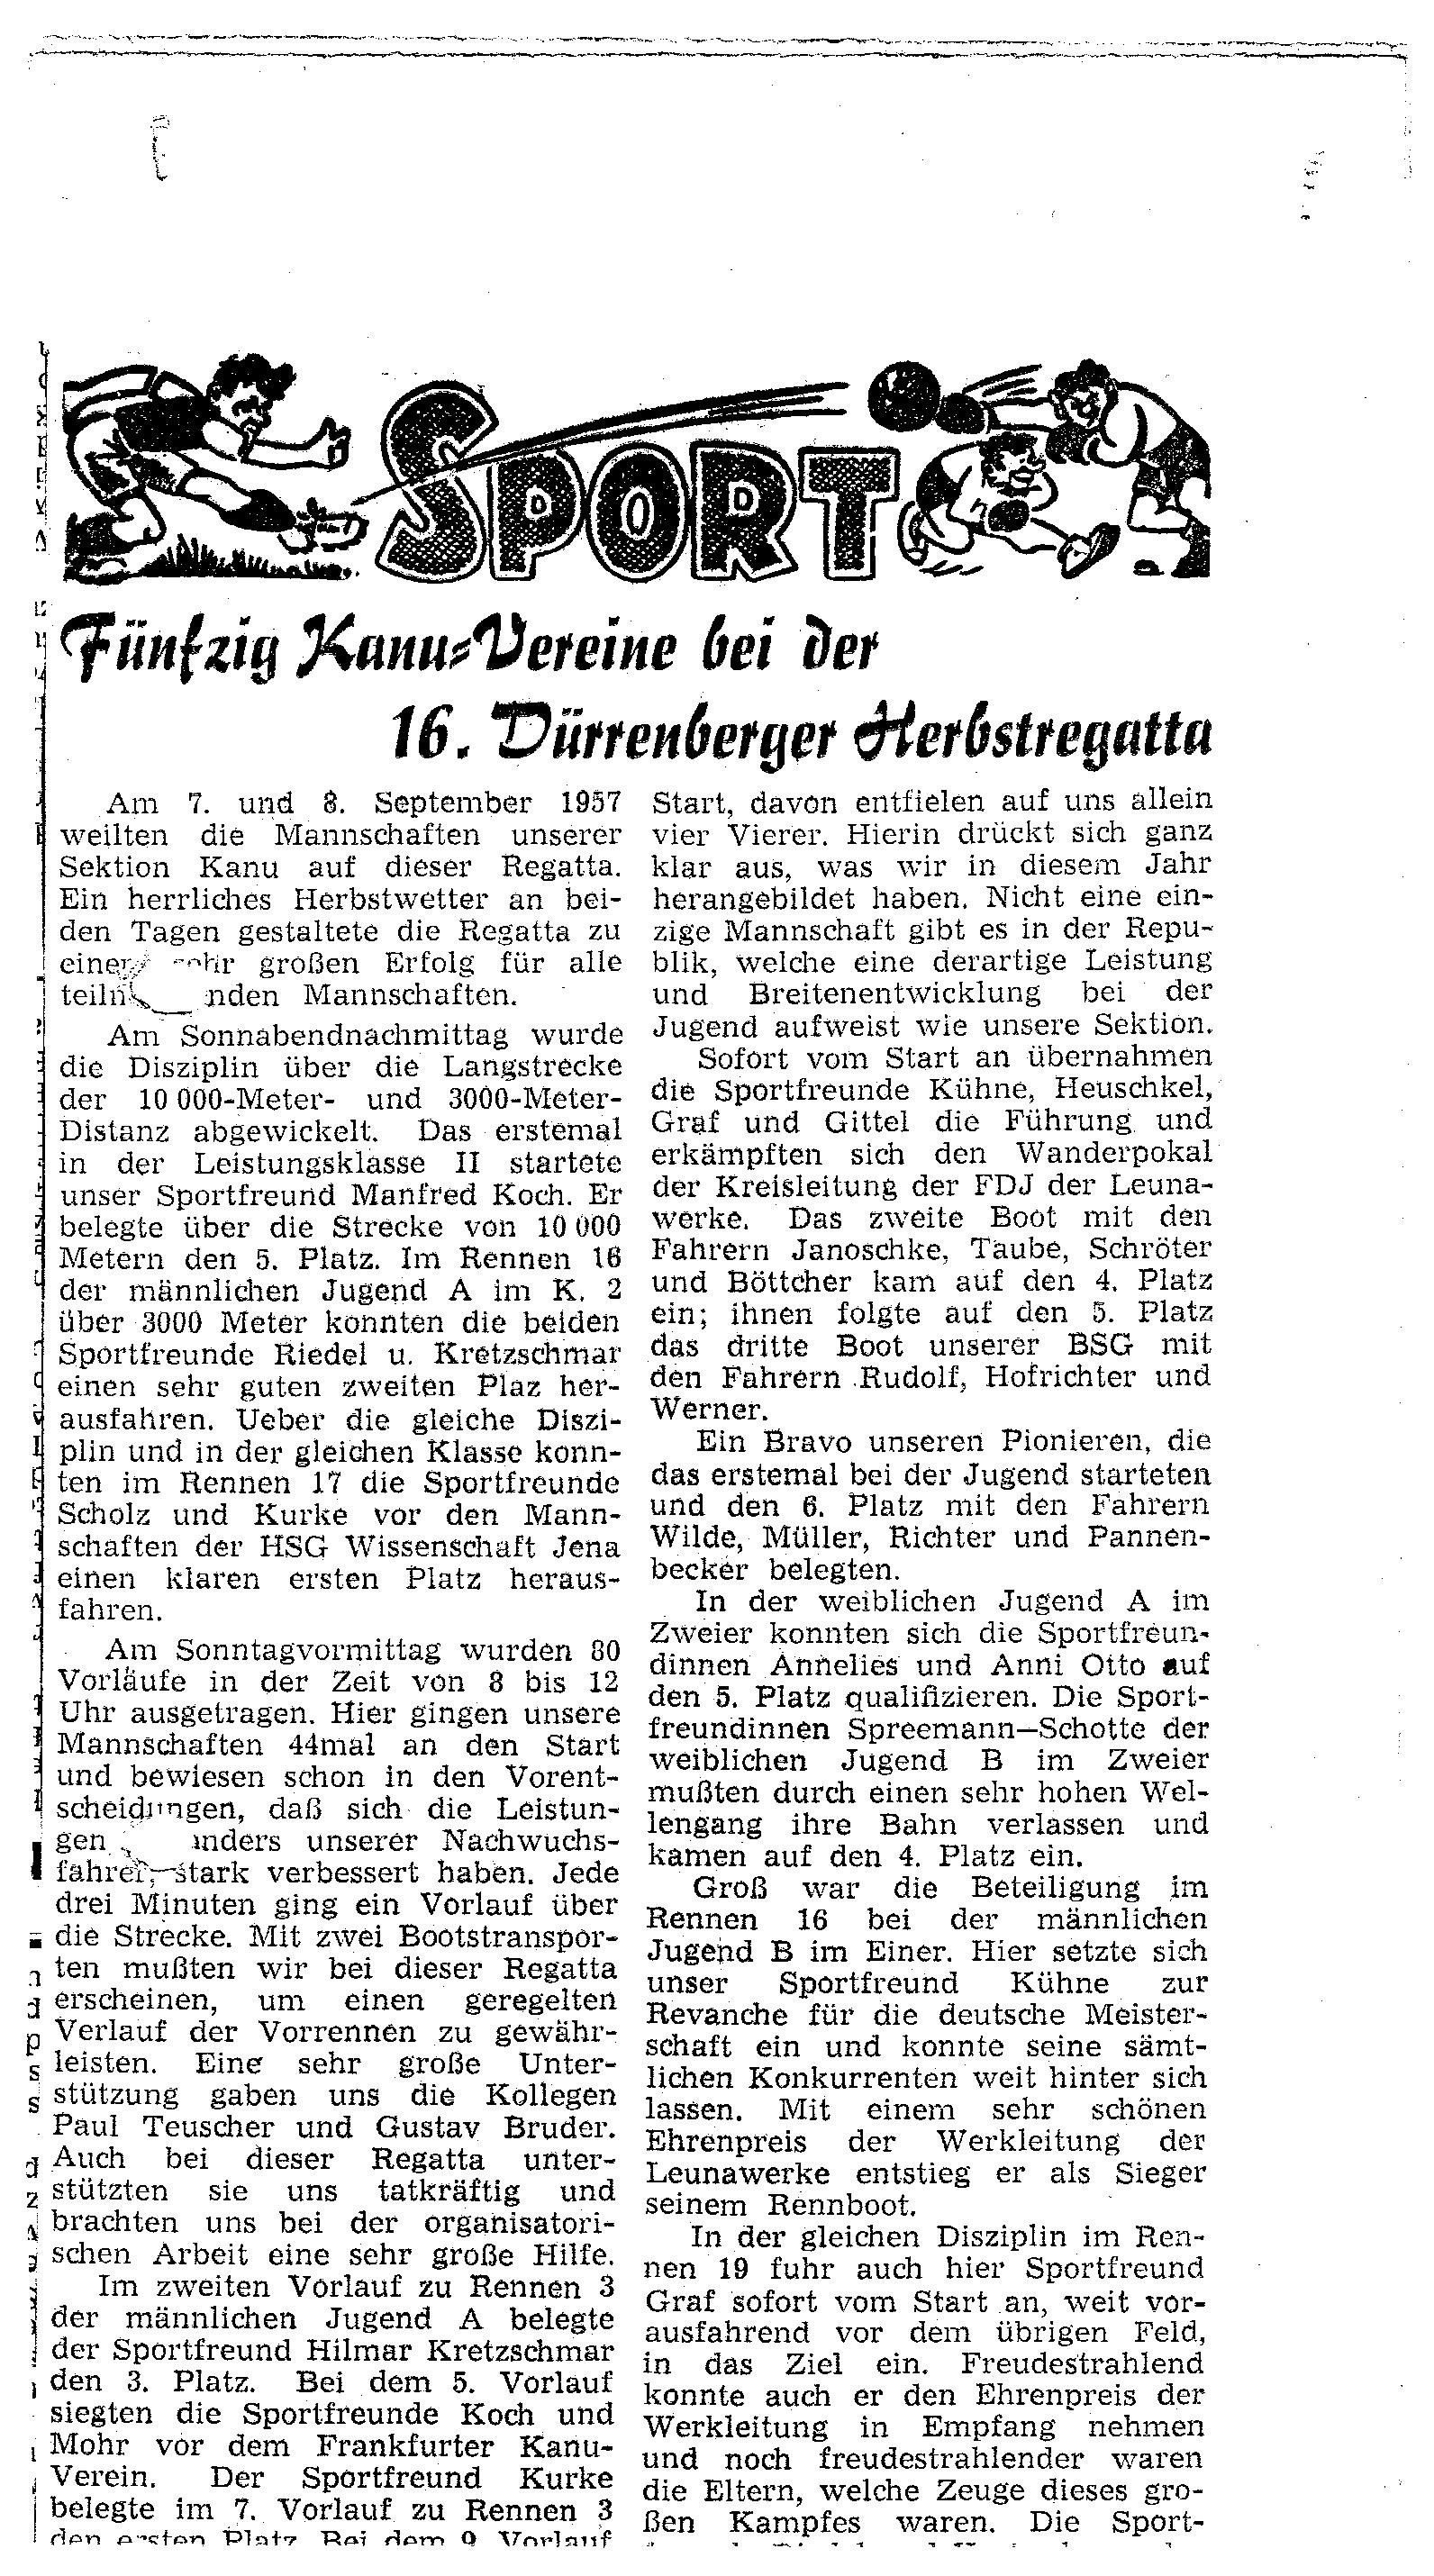 1957-09-08 Sport 50 Vereine bei der 16. Dürrenberger Herbstregatta